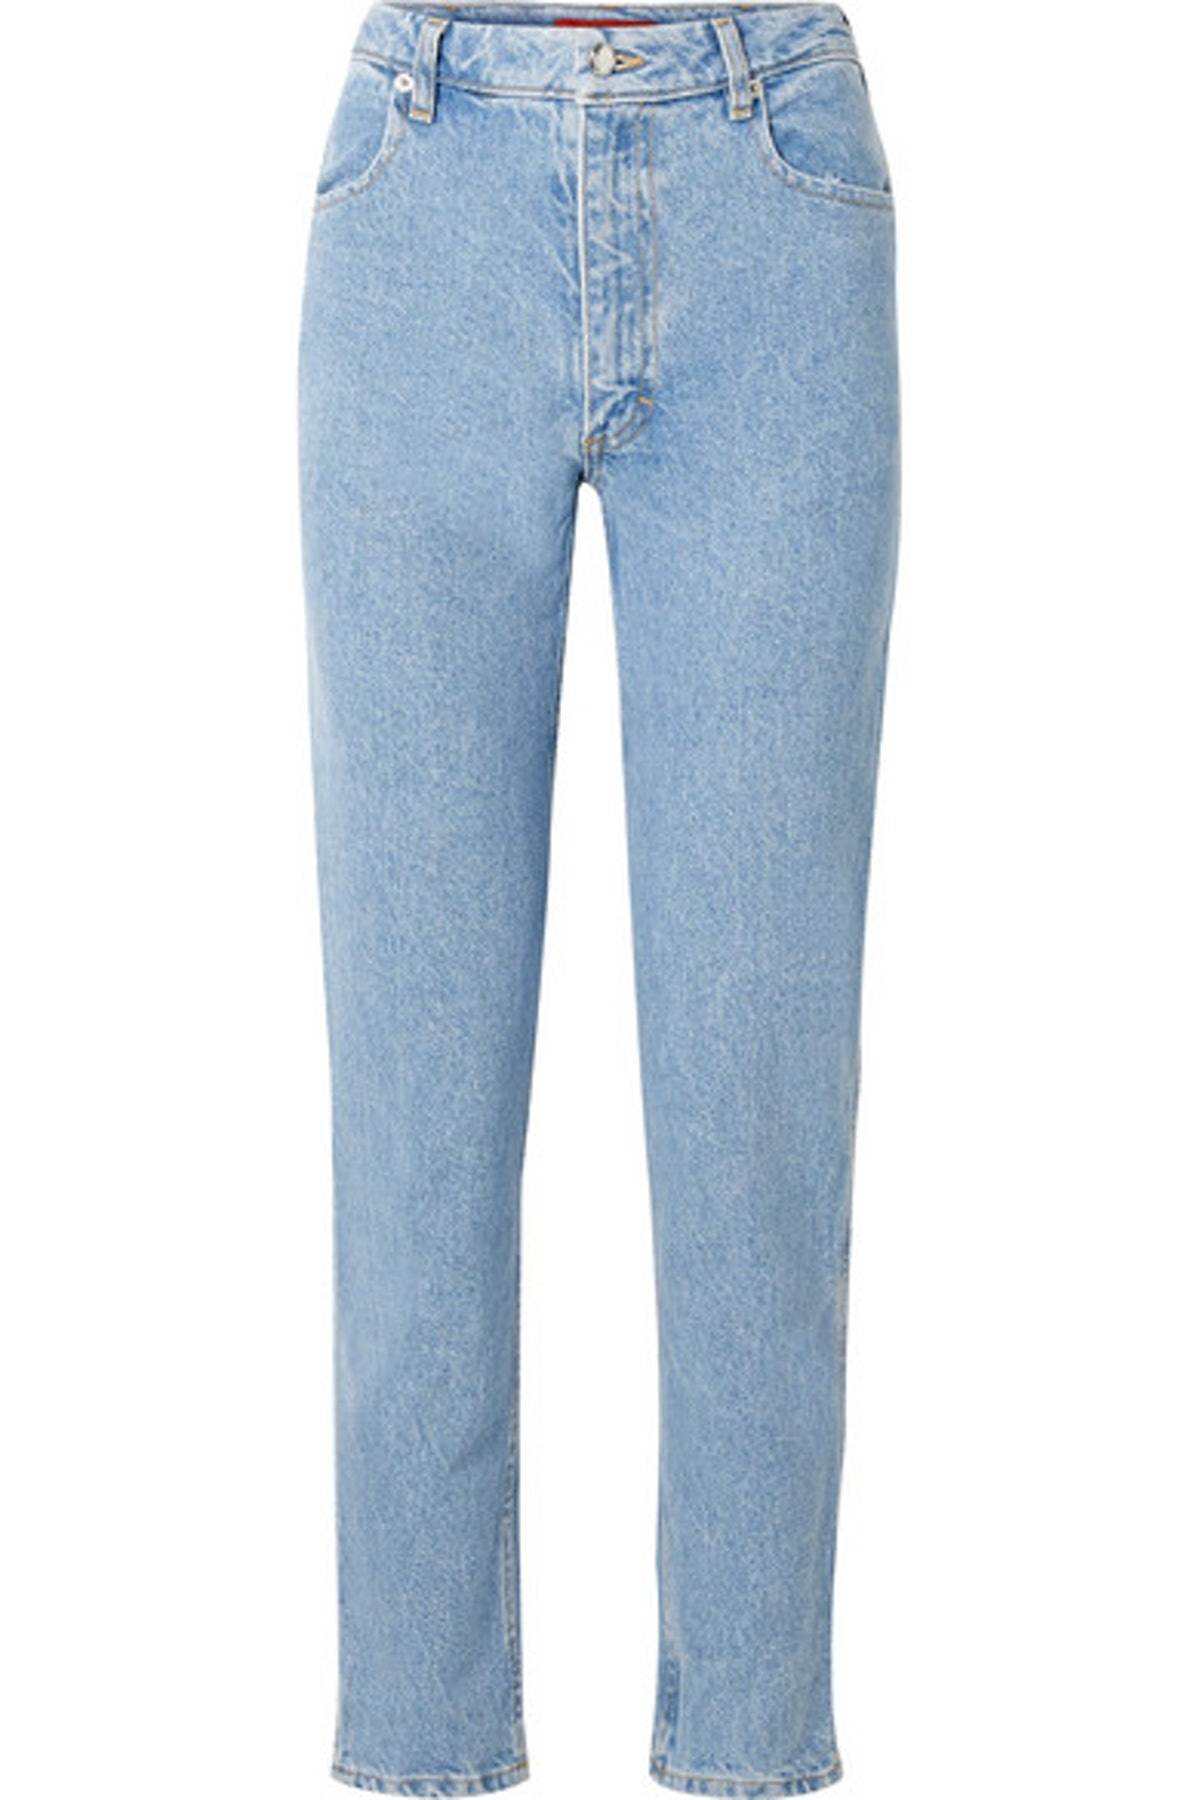 High-Rise Straight Leg Jean